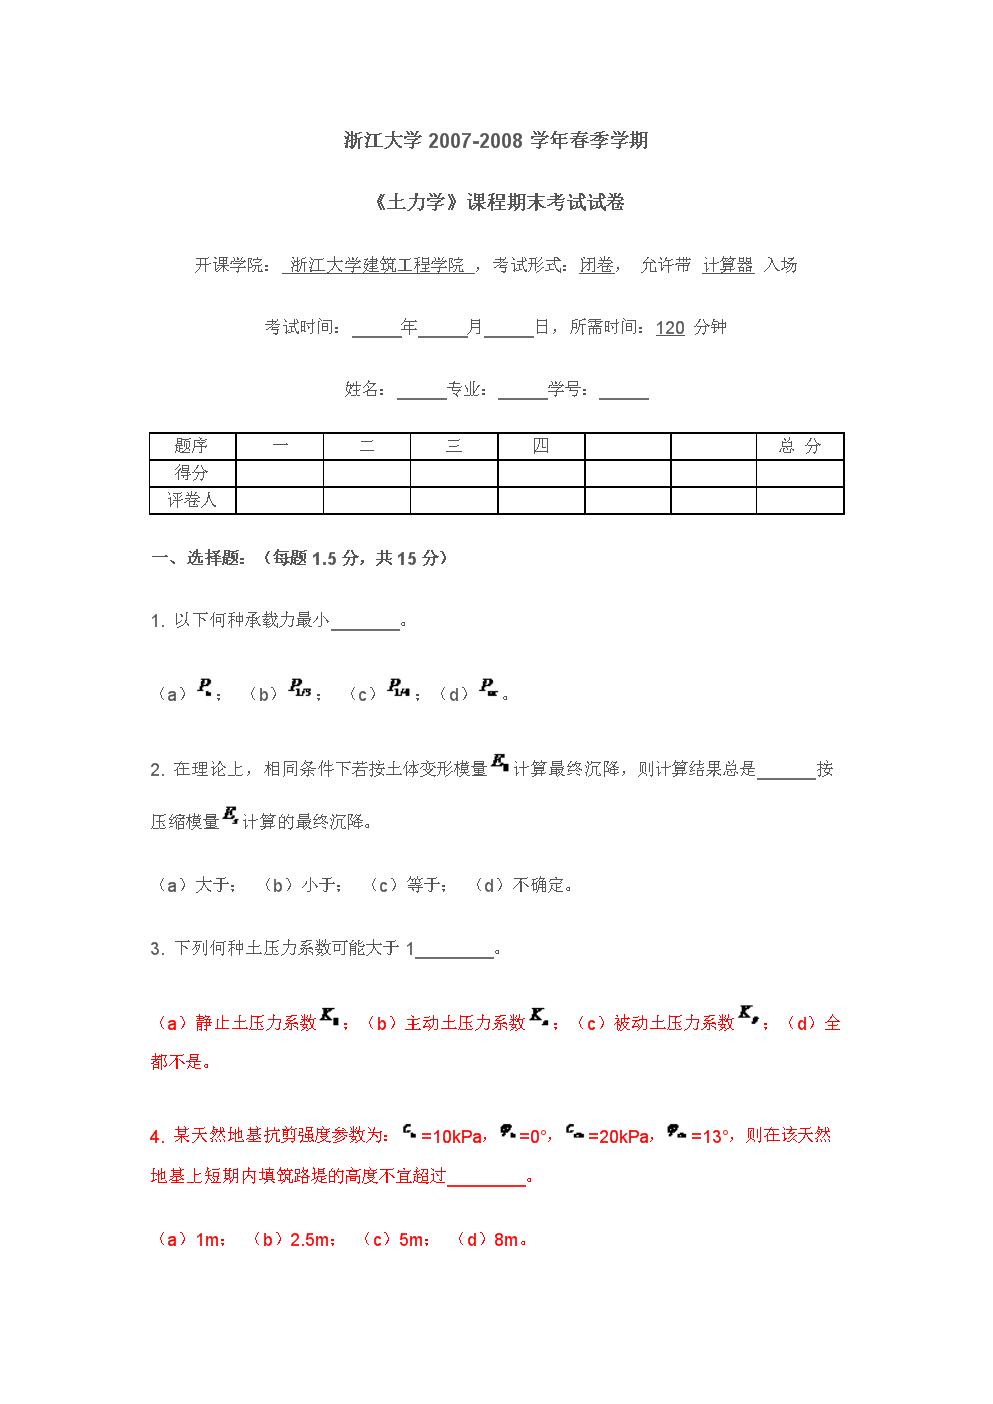 浙江大学2007-2008学年春季学期《土力学》课程期末考试试卷.doc